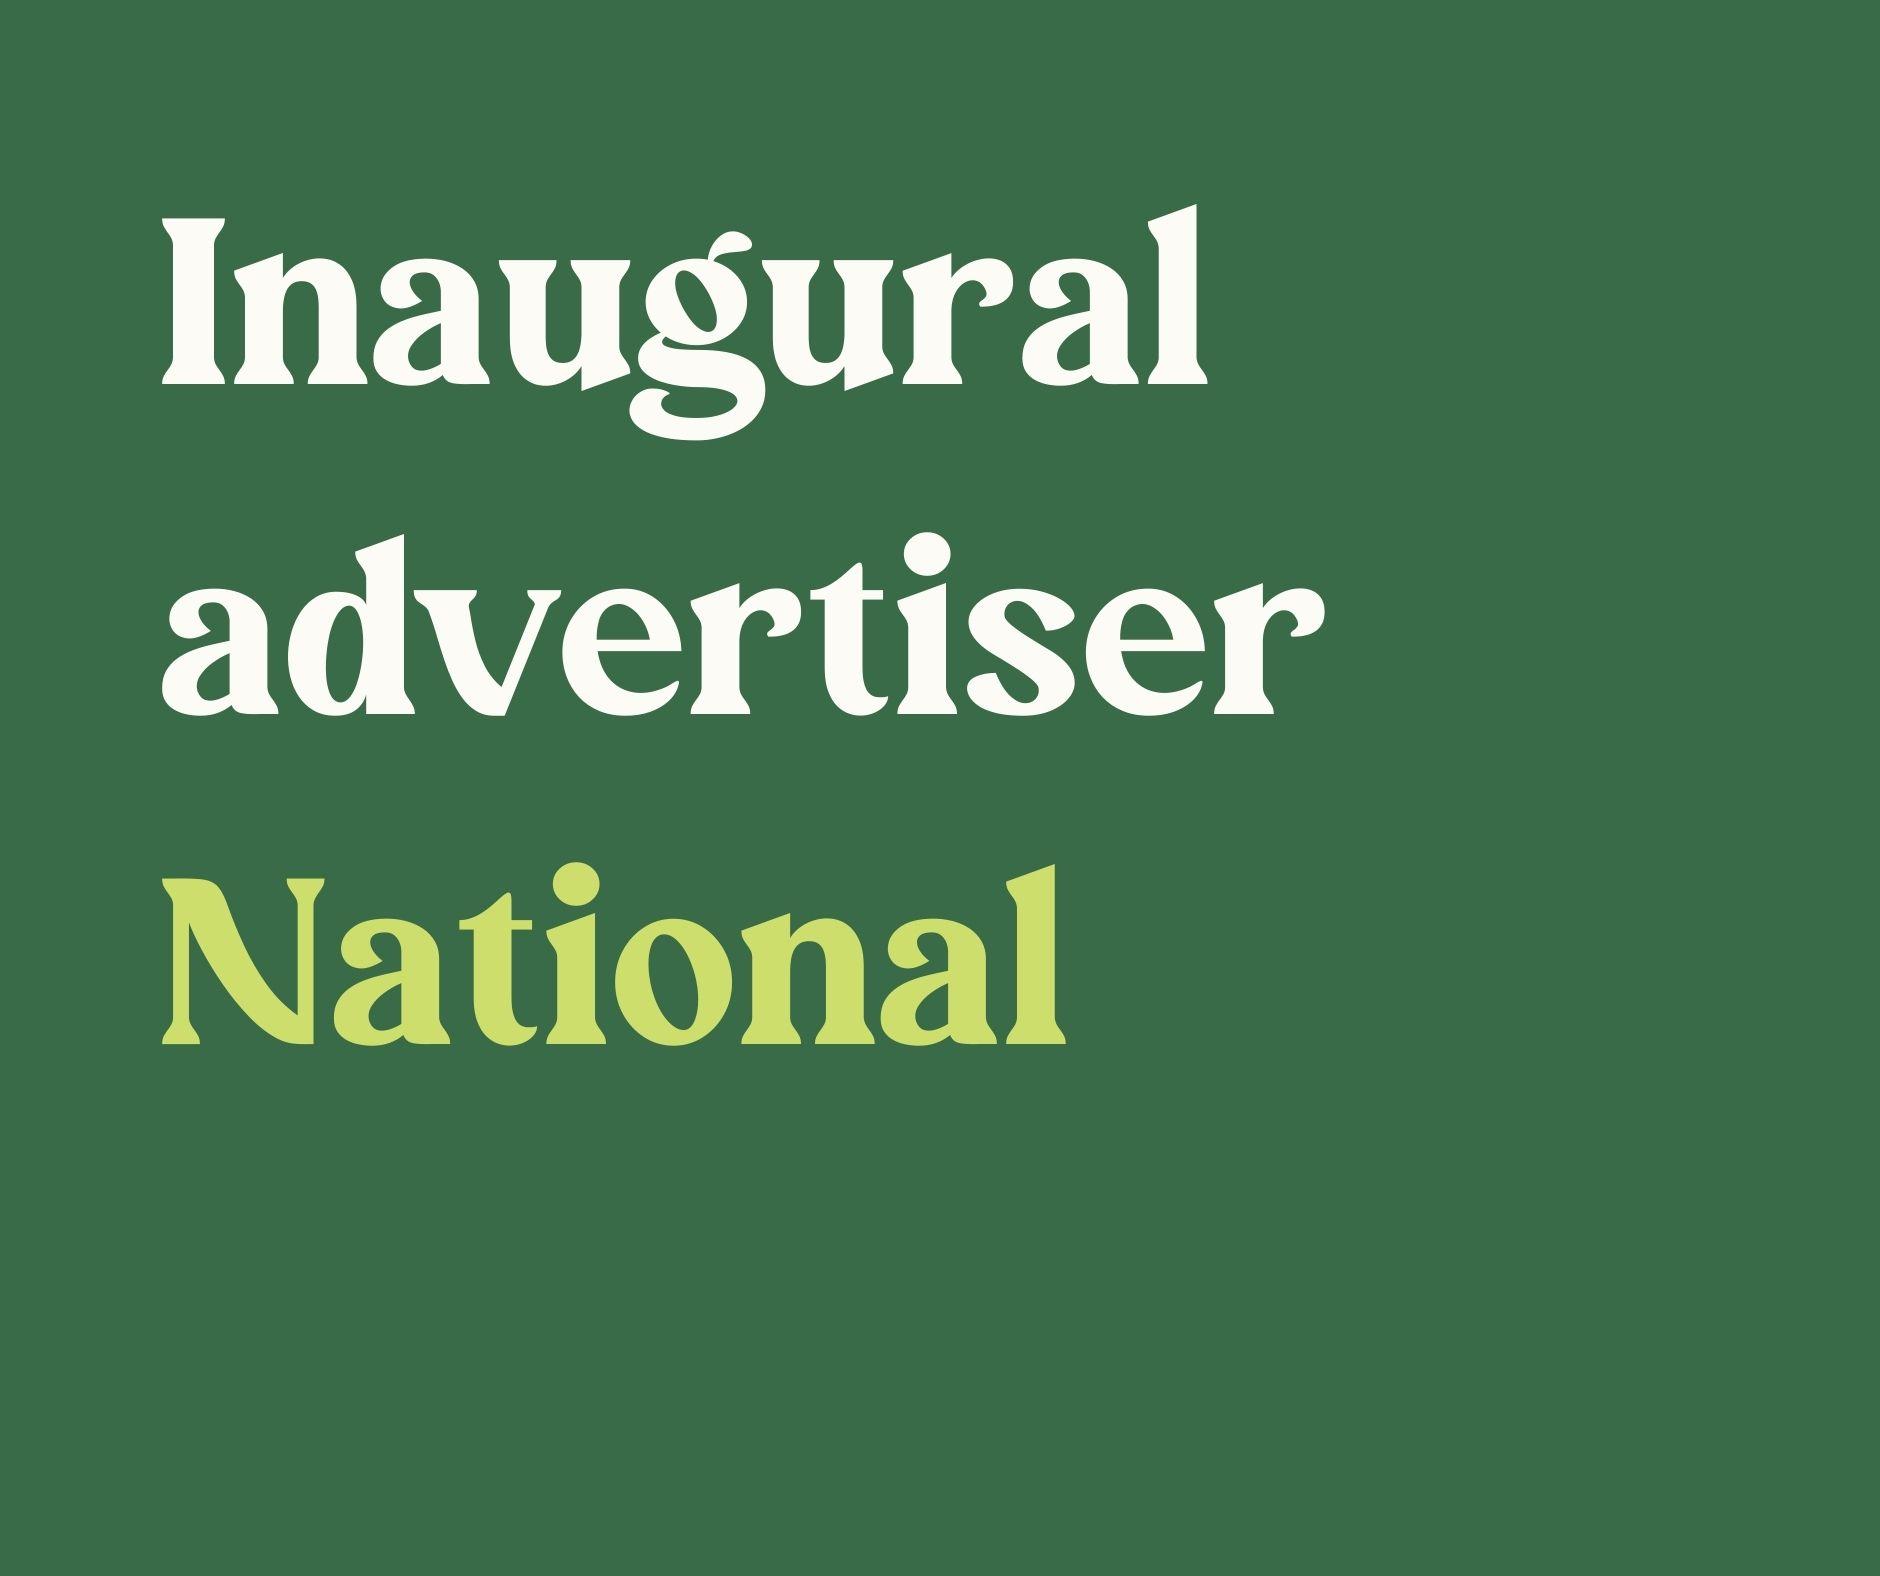 Inaugural Advertiser- National